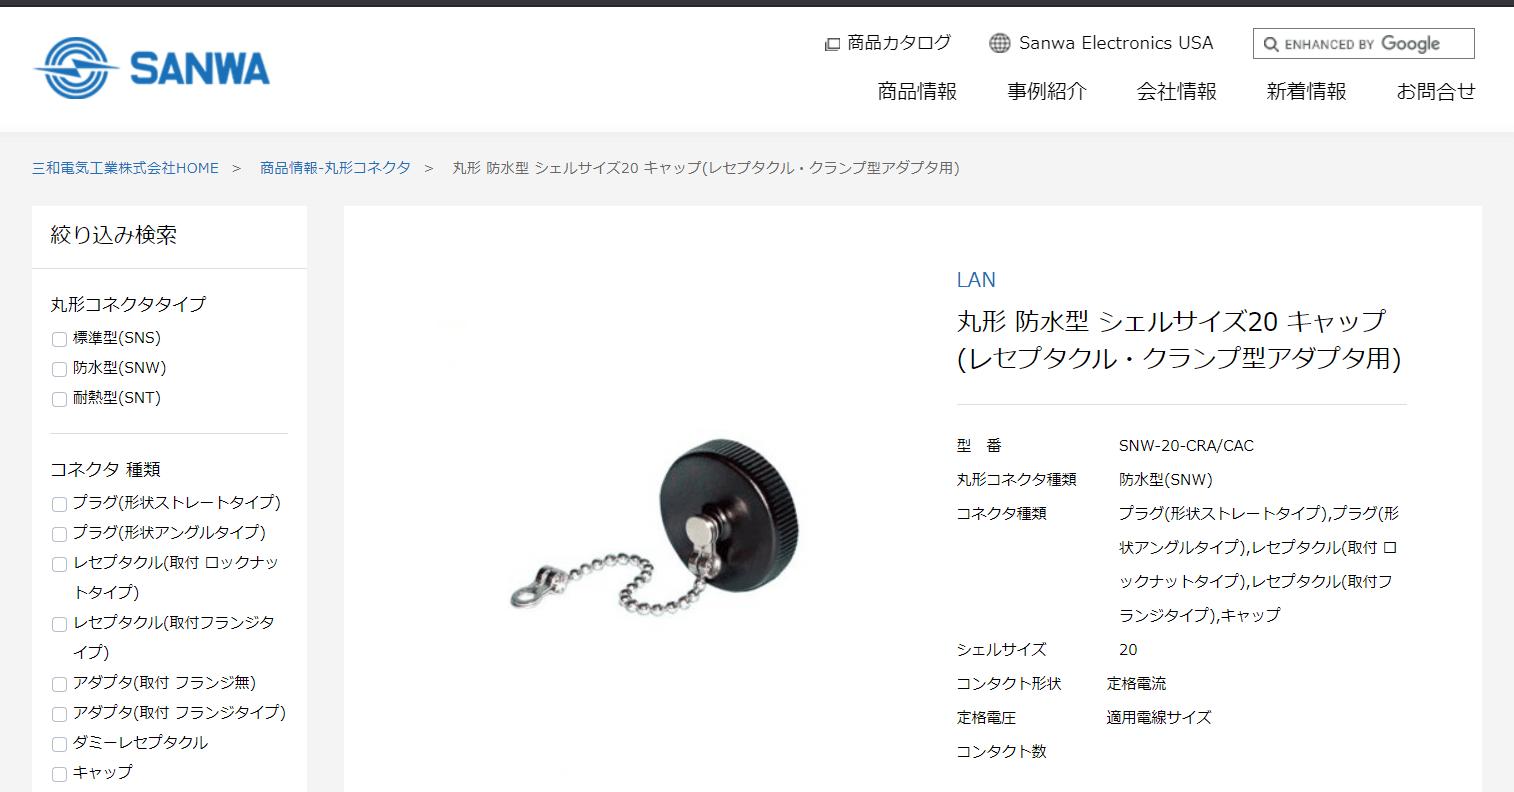 丸形 防水型 シェルサイズ20 キャップ(レセプタクル・クランプ型アダプタ用)